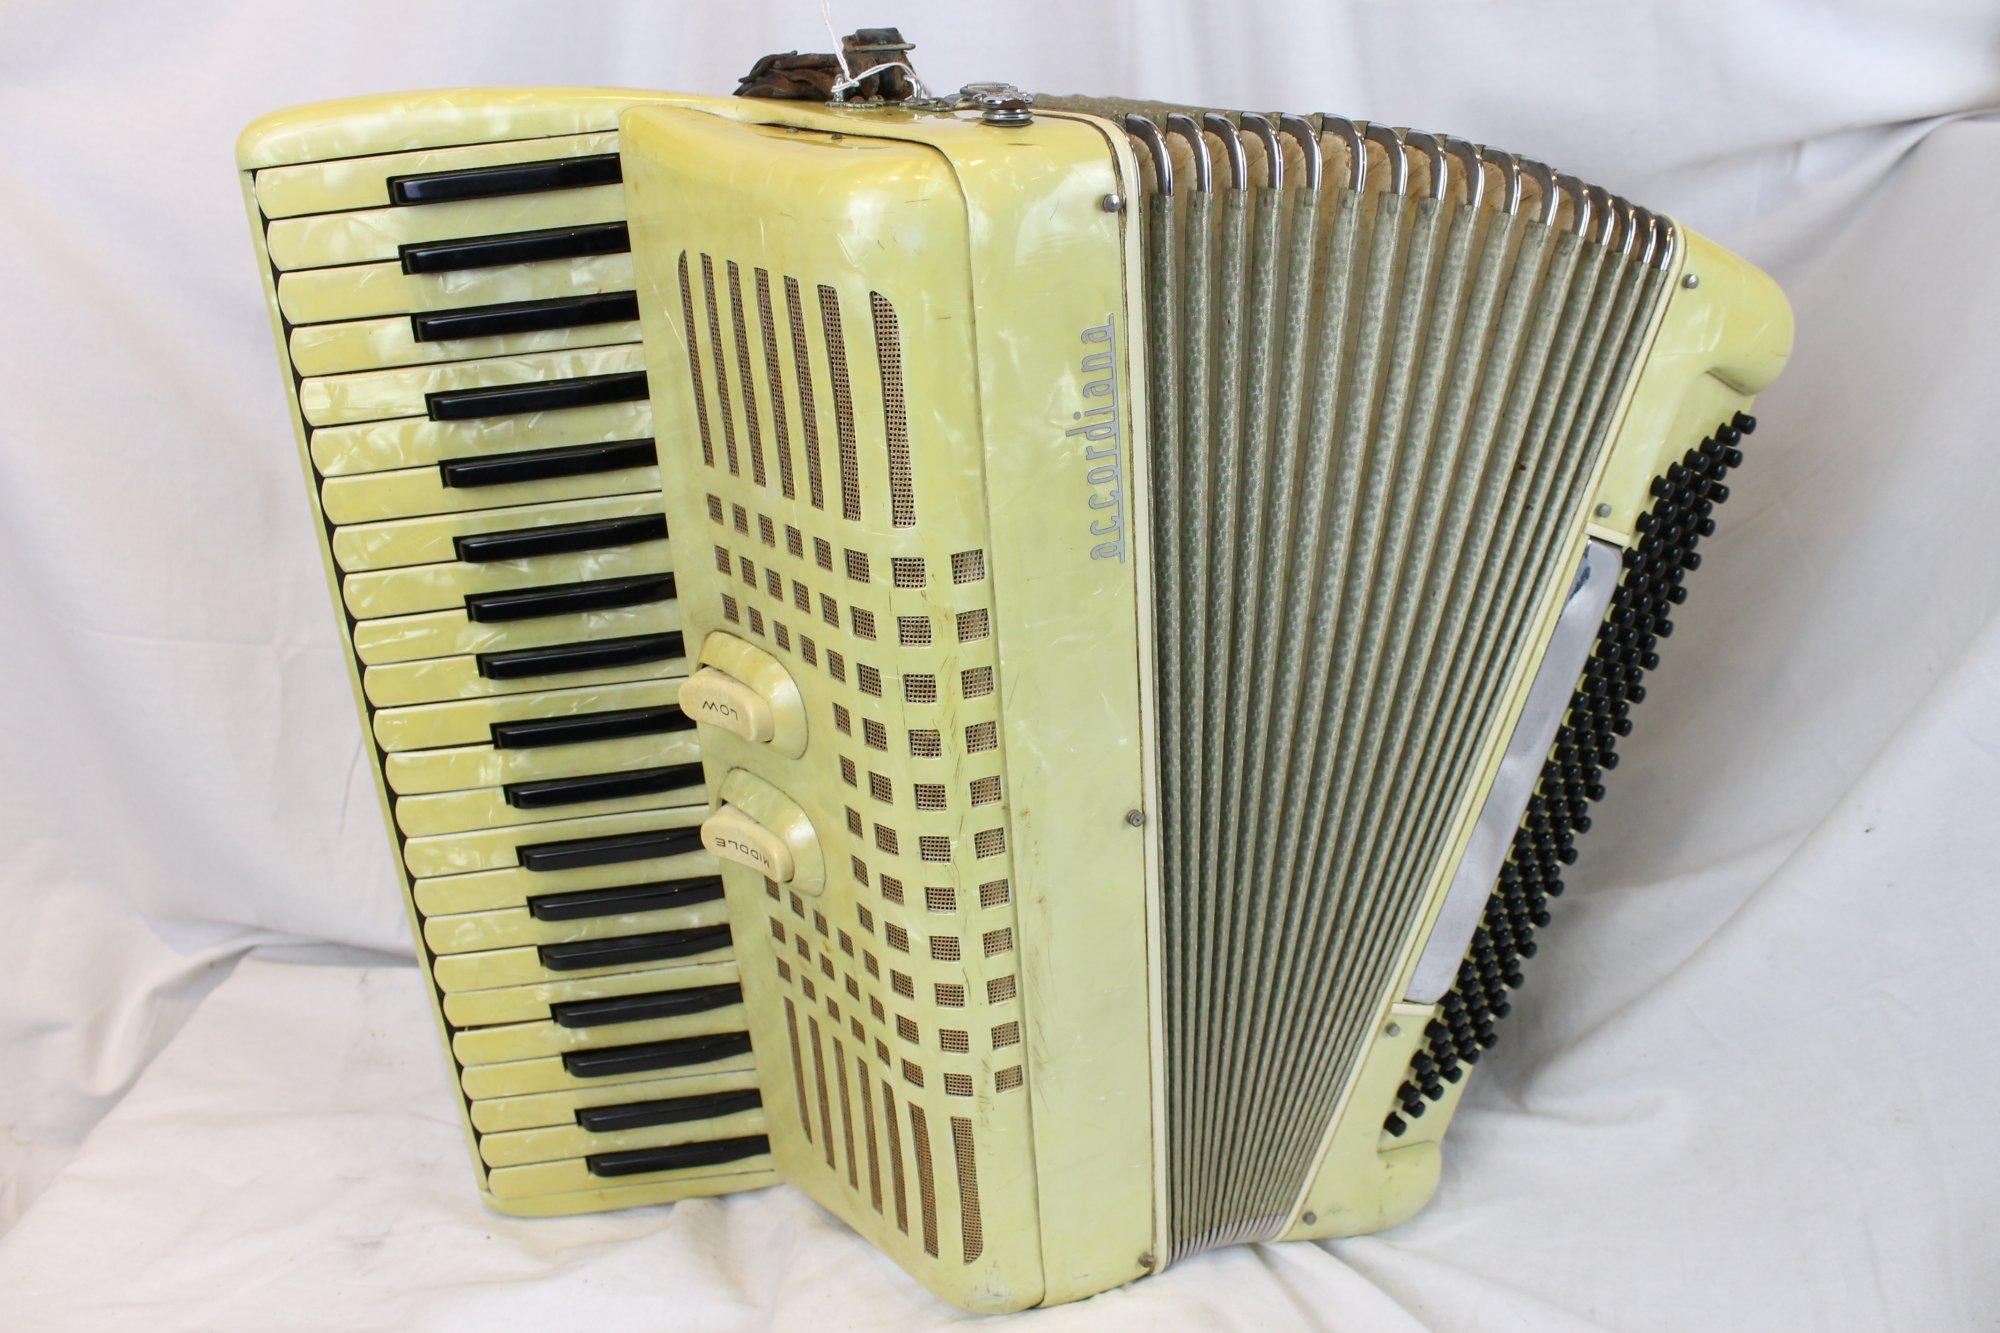 3188 - Cream Accordiana Piano Accordion LMM 41 120